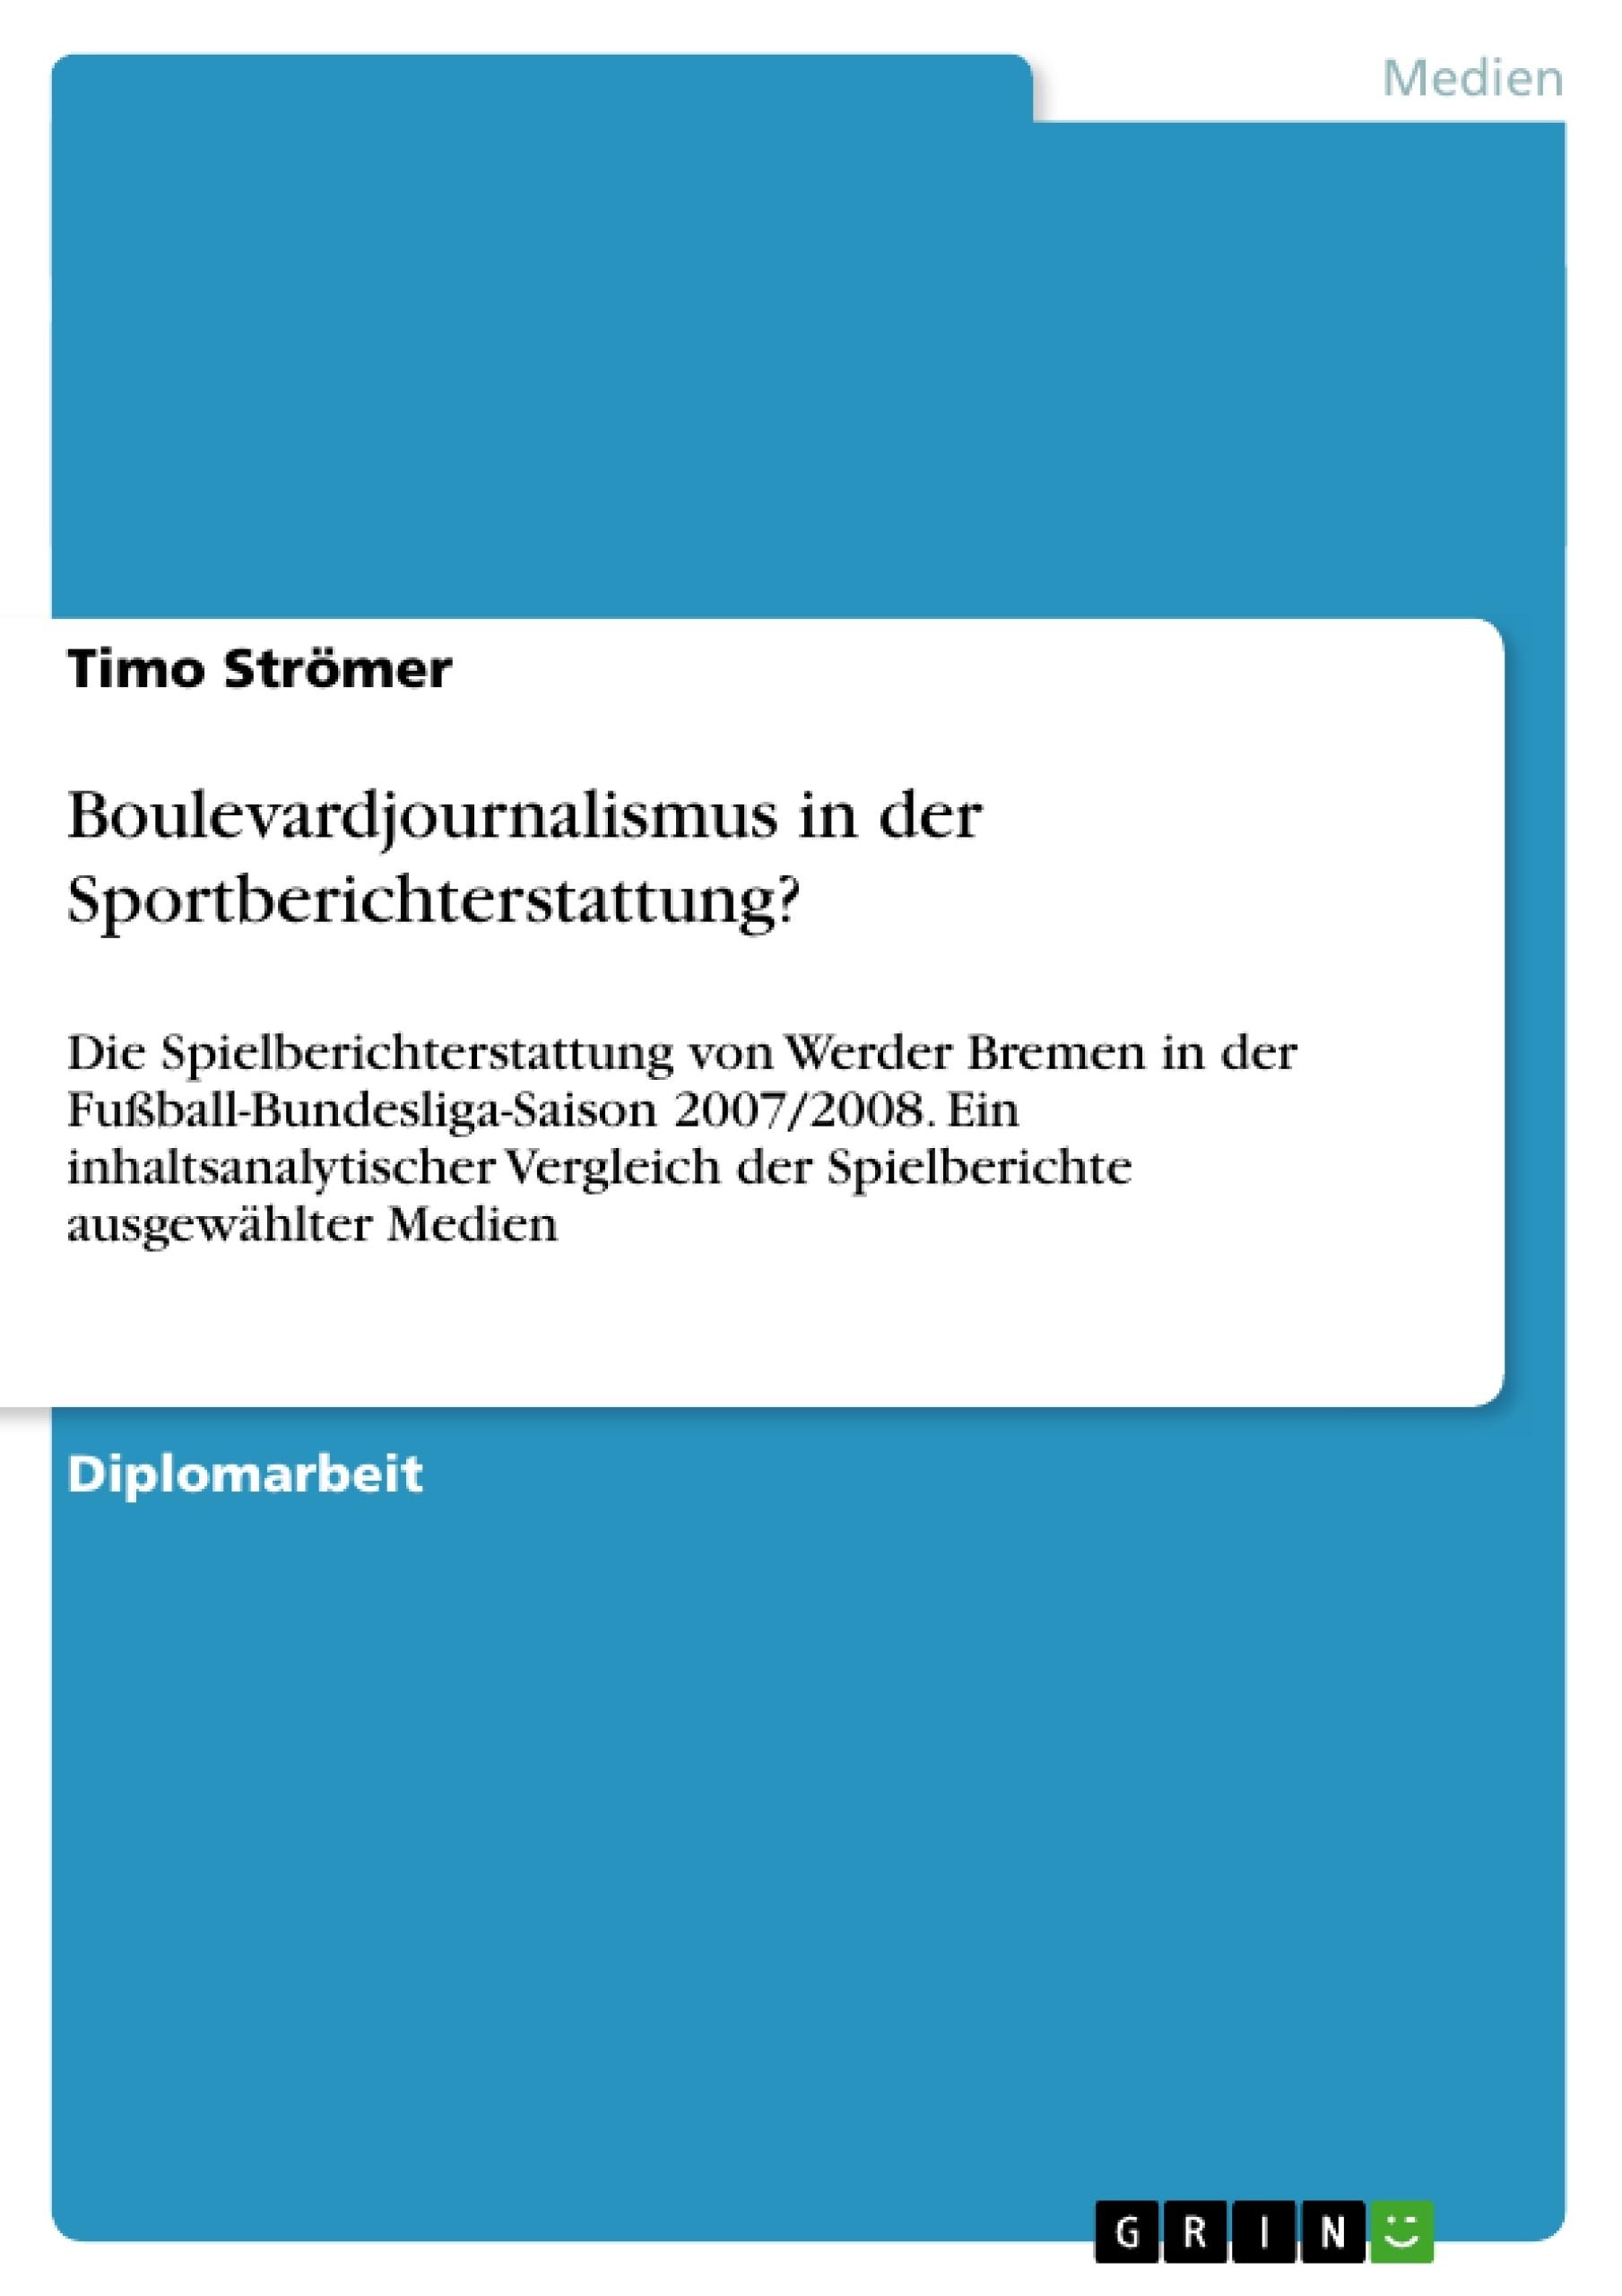 Titel: Boulevardjournalismus in der Sportberichterstattung?